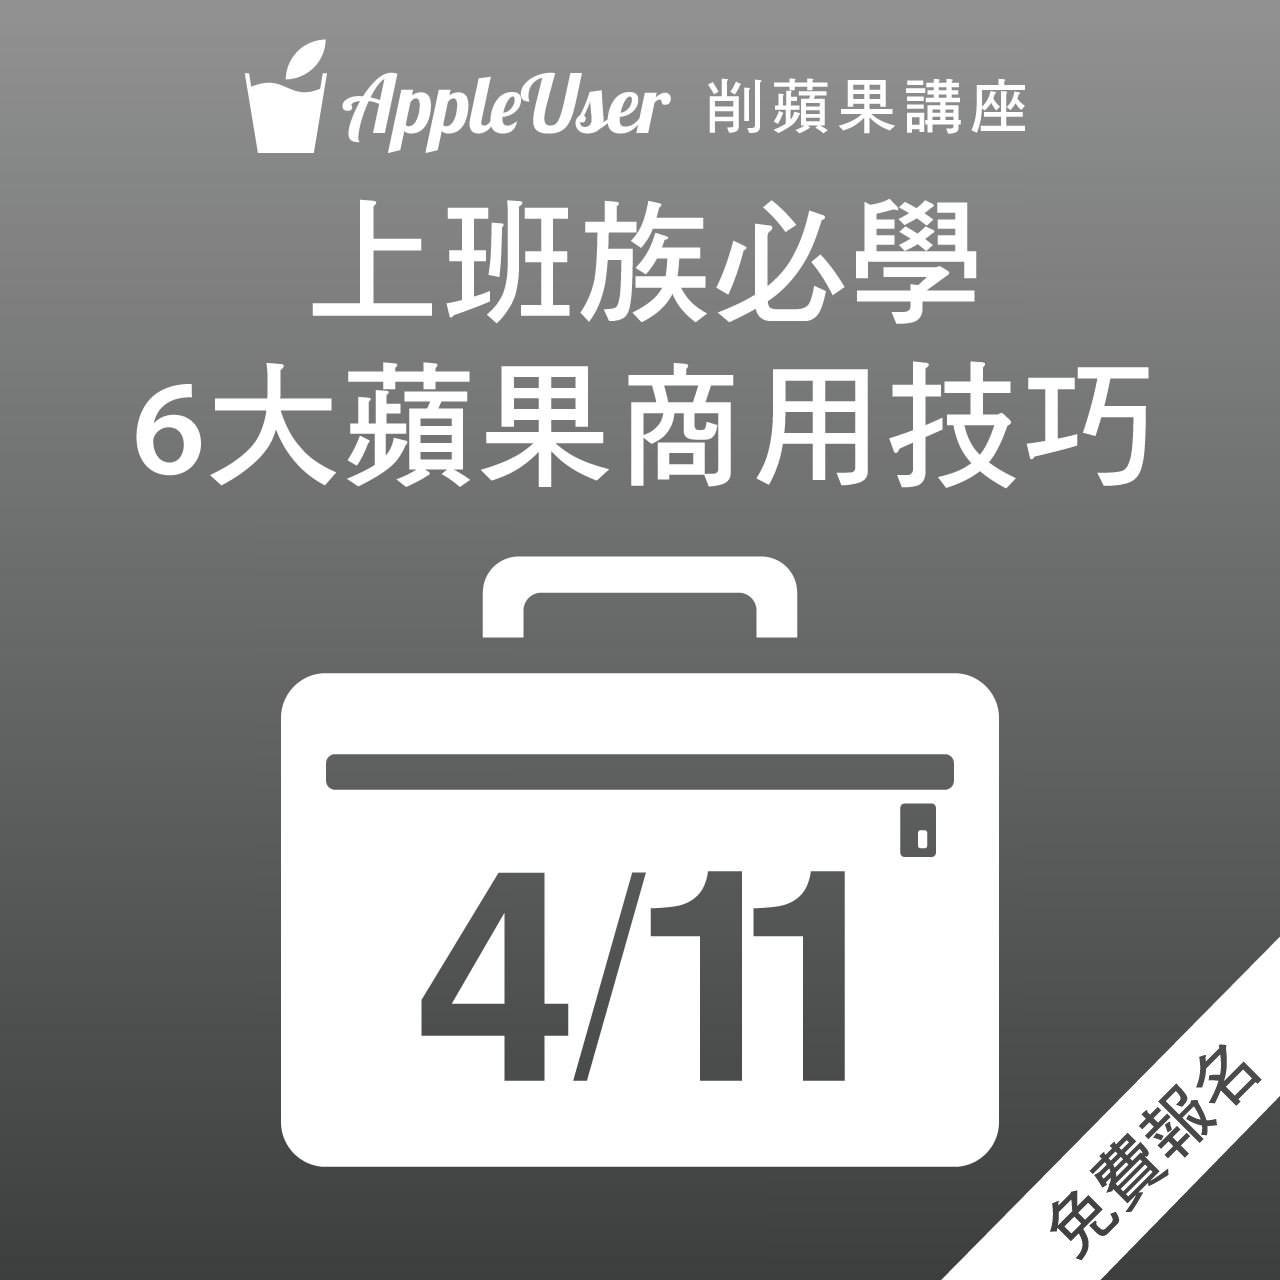 削蘋果講座:上班族必學 6 大蘋果商用技巧